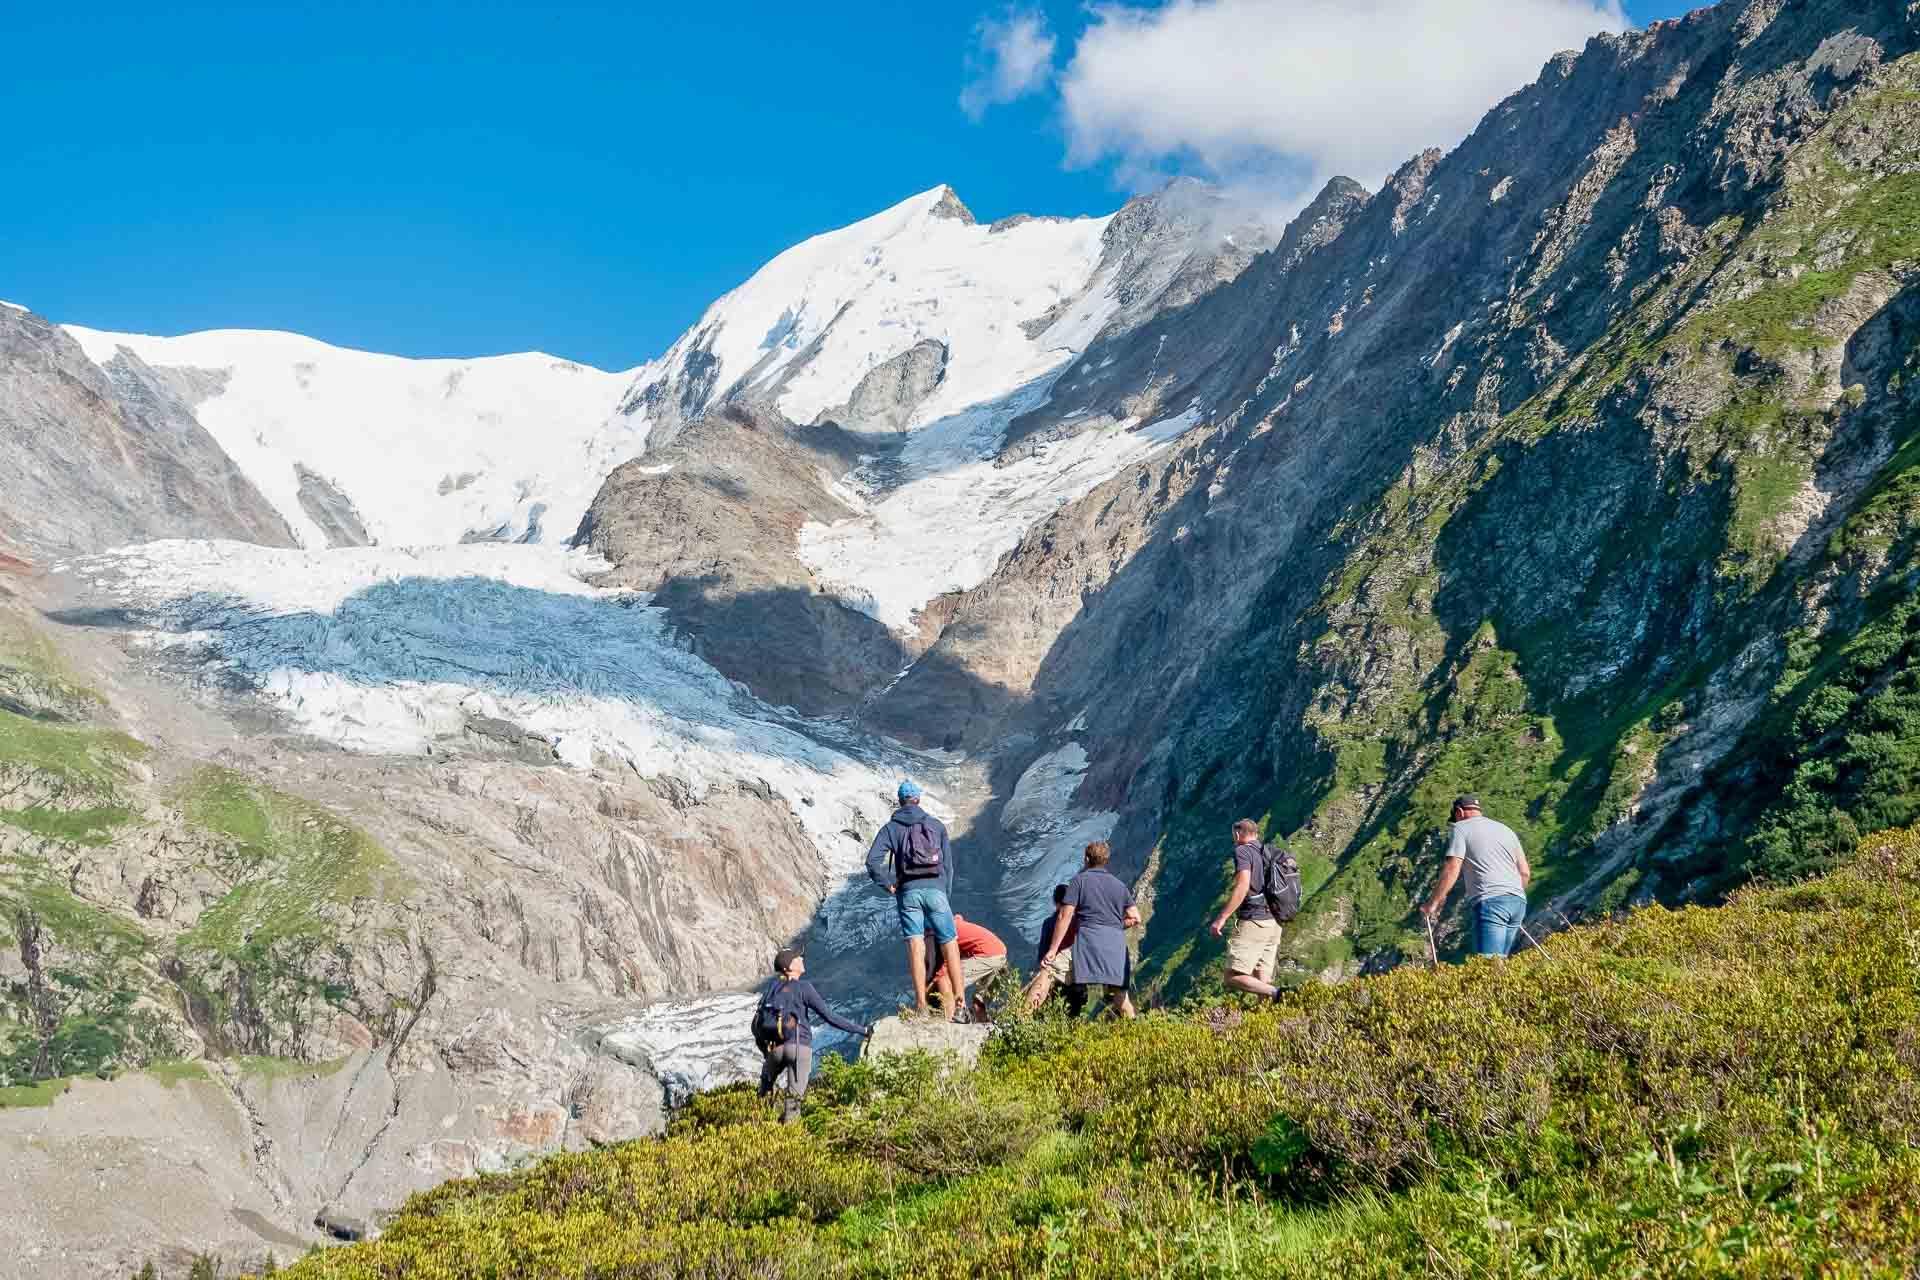 Vue sur le glacier de Miage depuis la randonnée du tour du col du Tricot © Boris Molinier